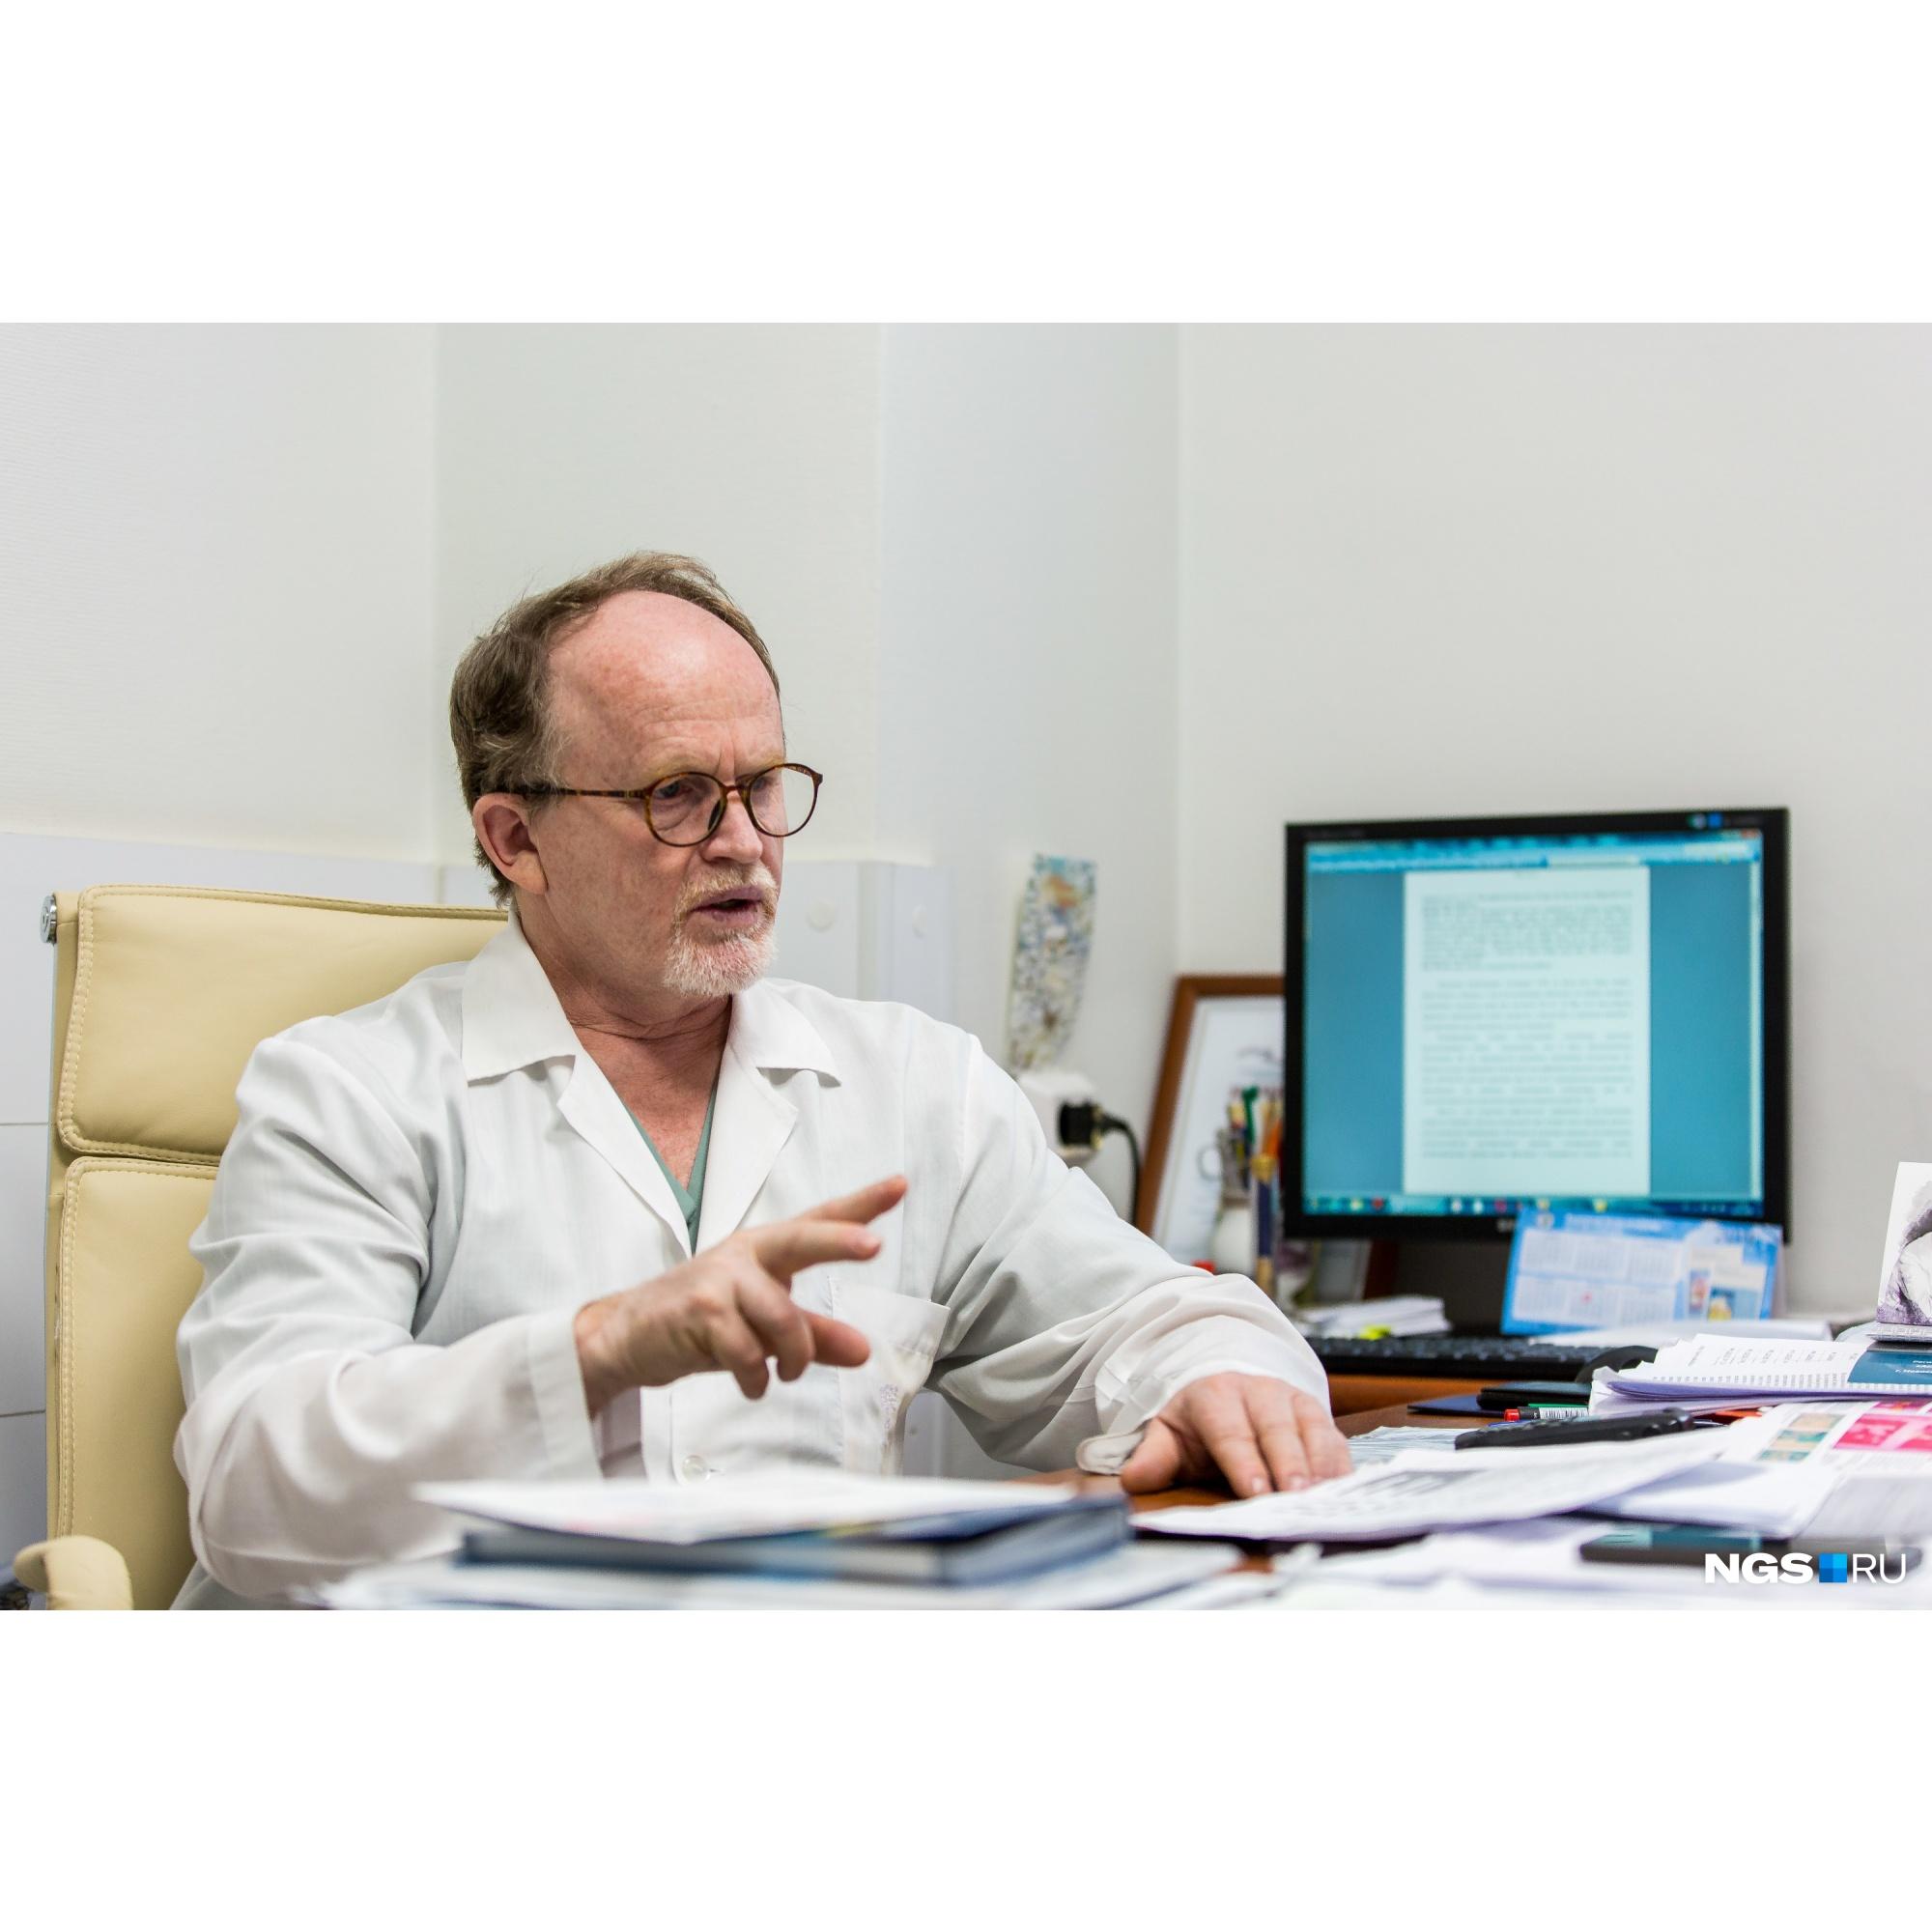 Профессор Виктор Рерих считает, что они смогли добиться успеха в лечении Ани, потому что налажена связь между больницами и НИИТО